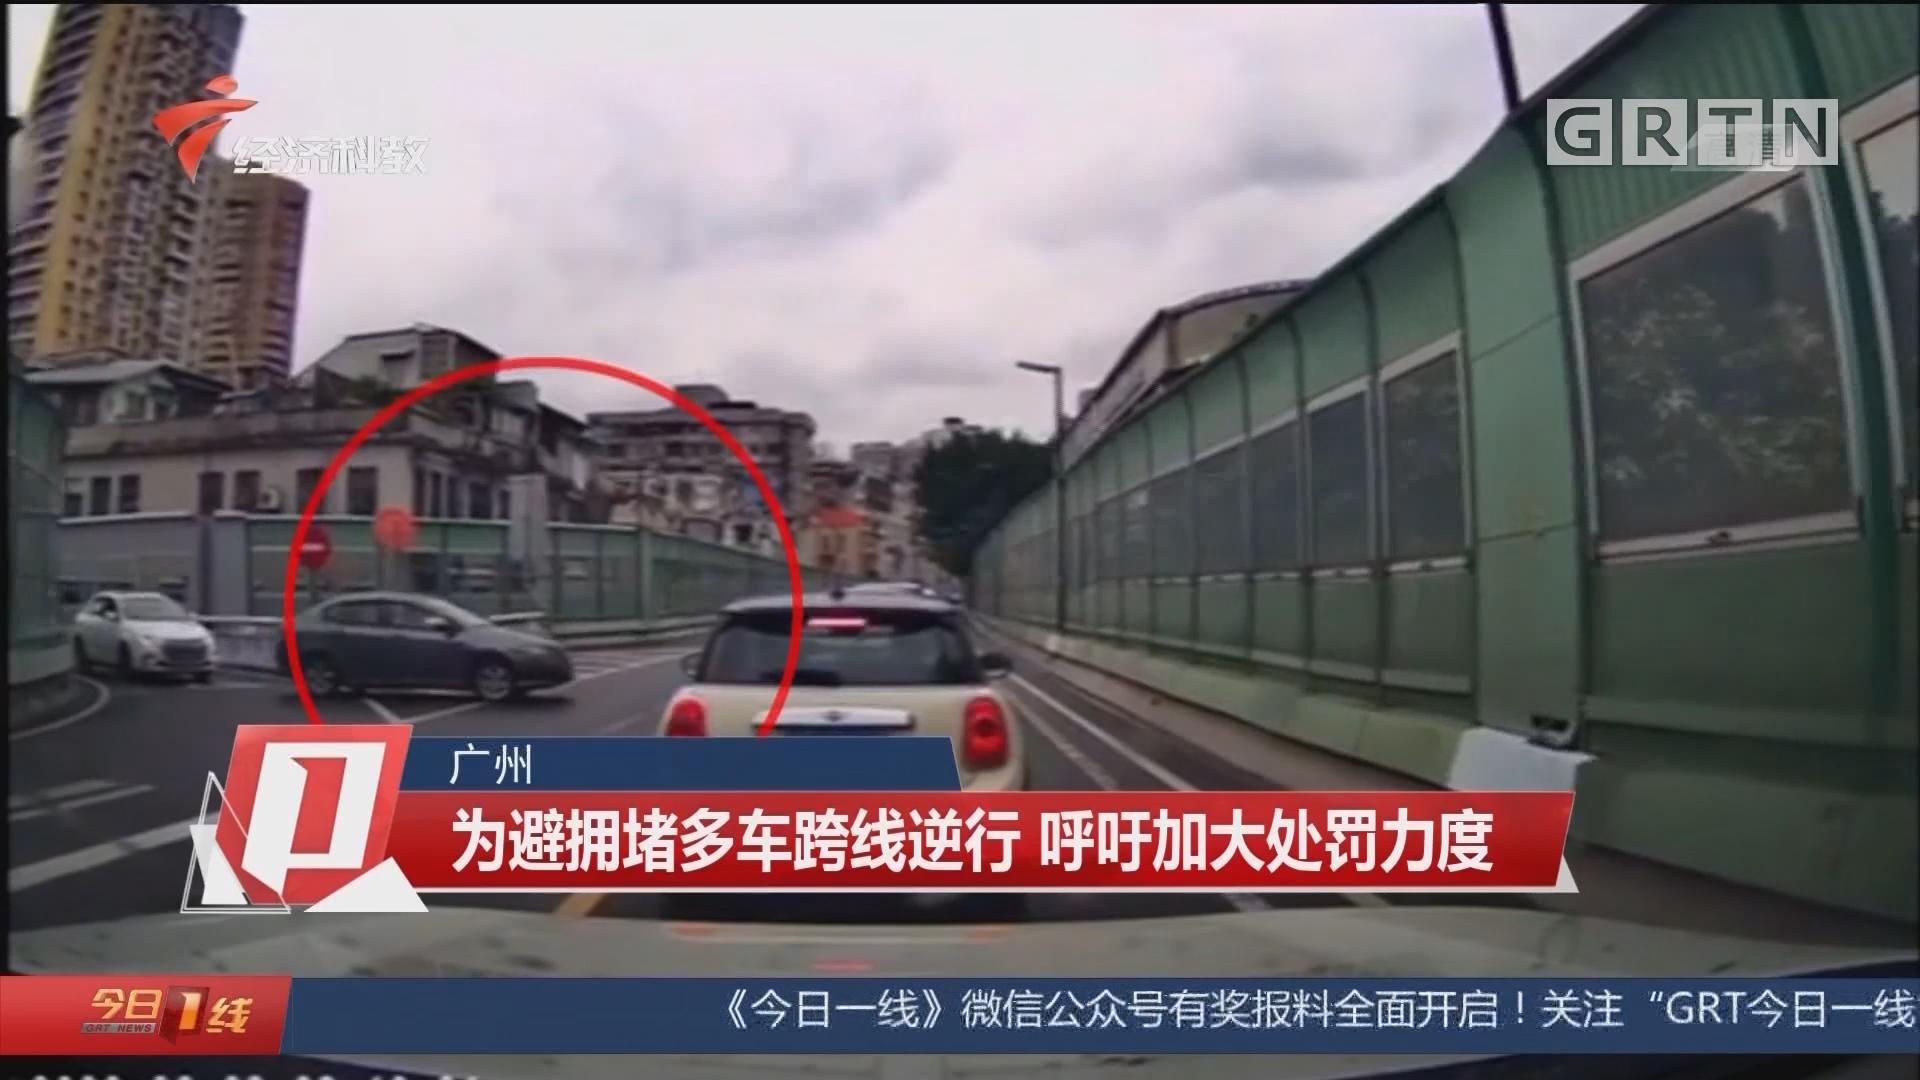 广州 为避拥堵多车跨线逆行 呼吁加大处罚力度